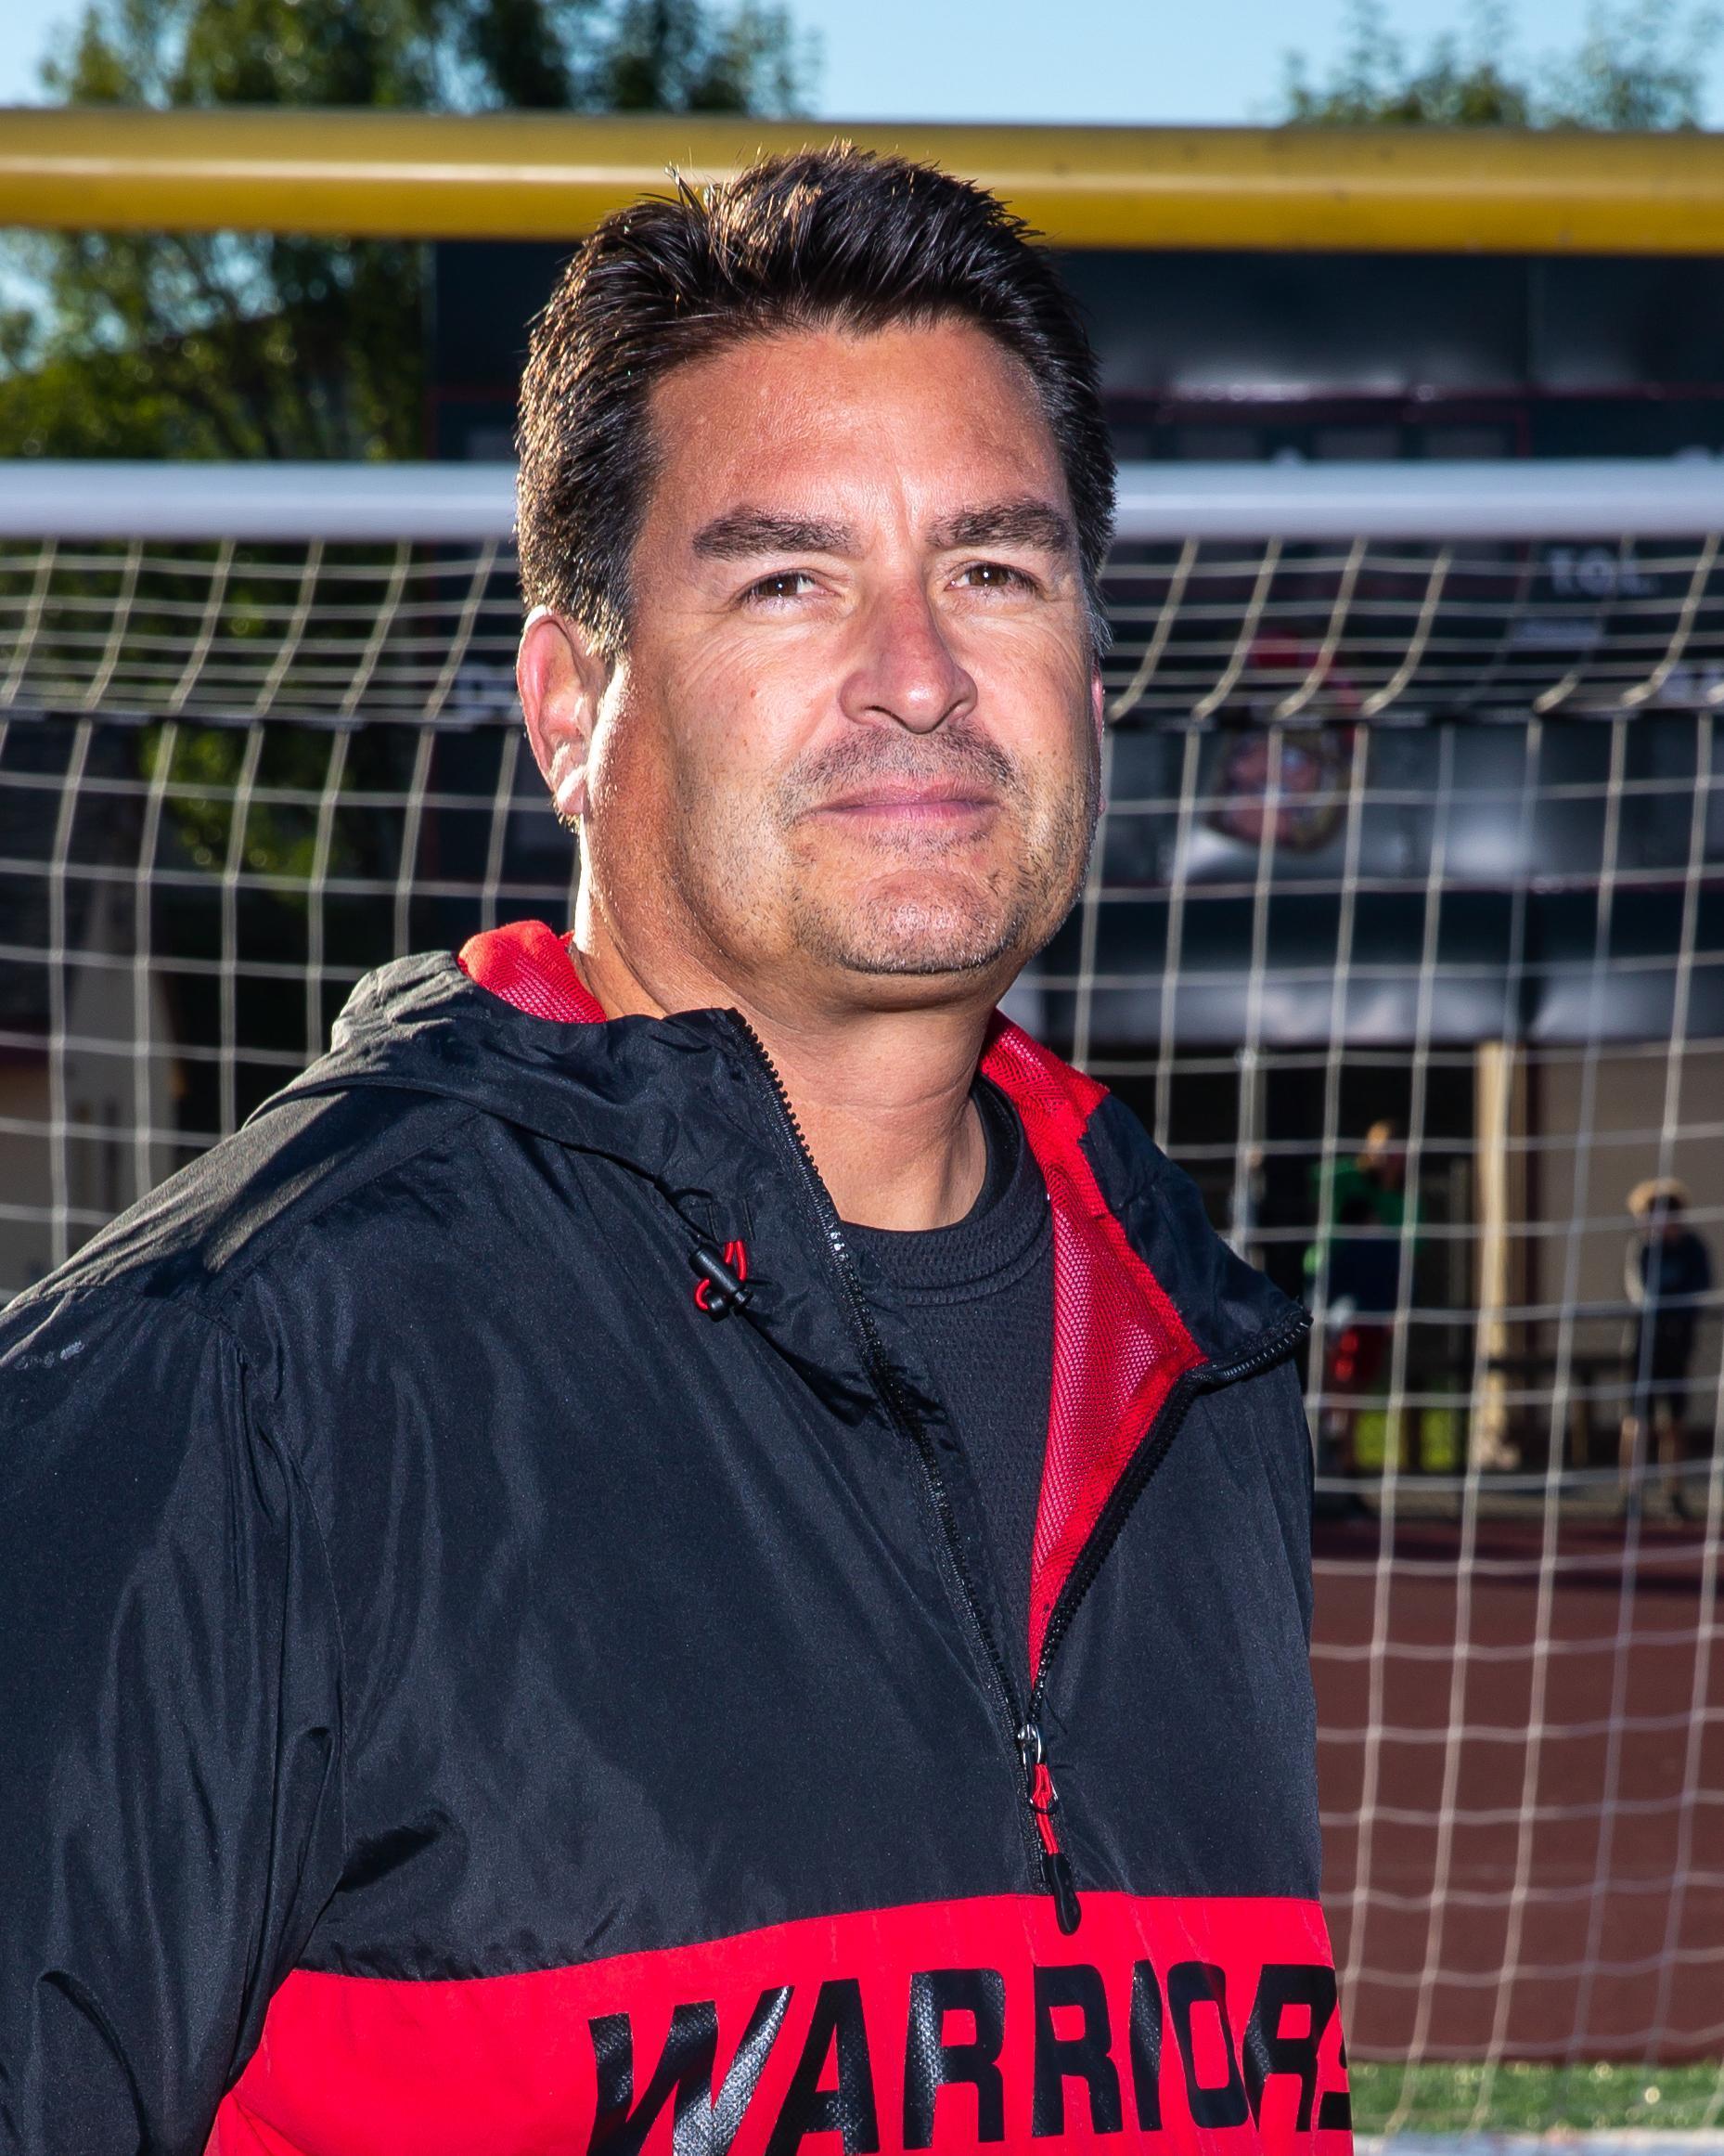 Head Varsity Coach, Scott Hughes